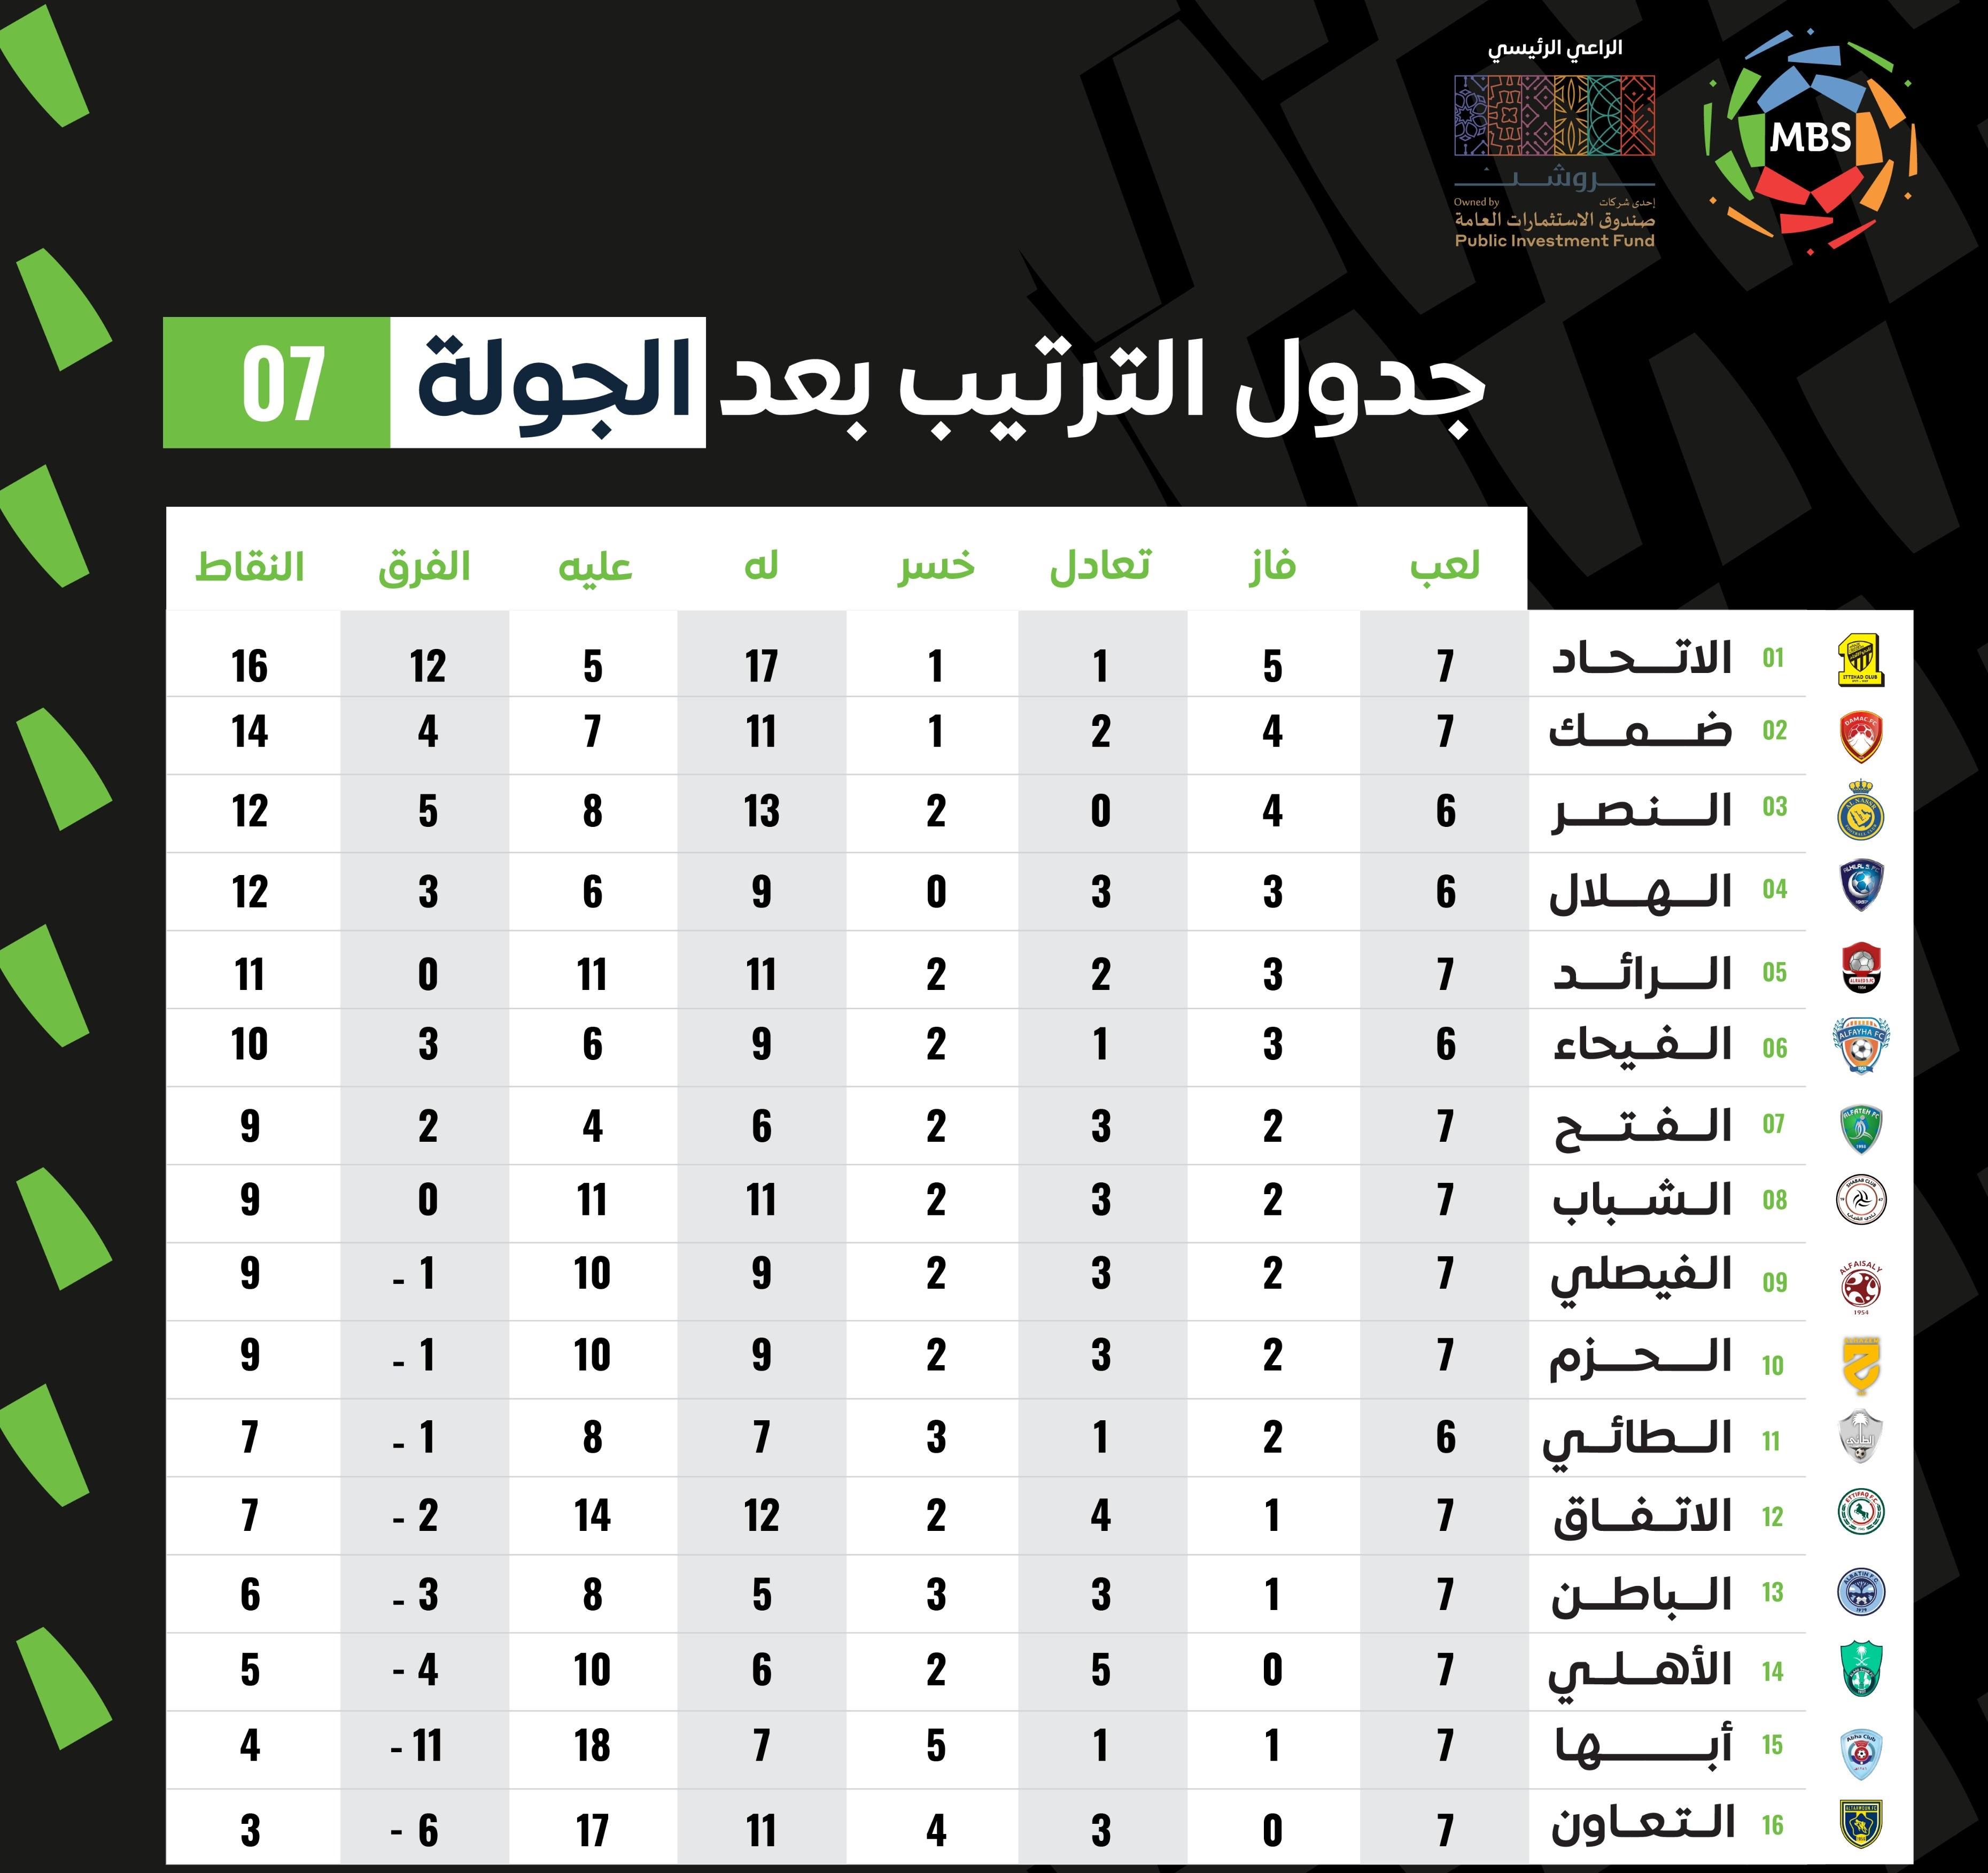 Saudi league standings